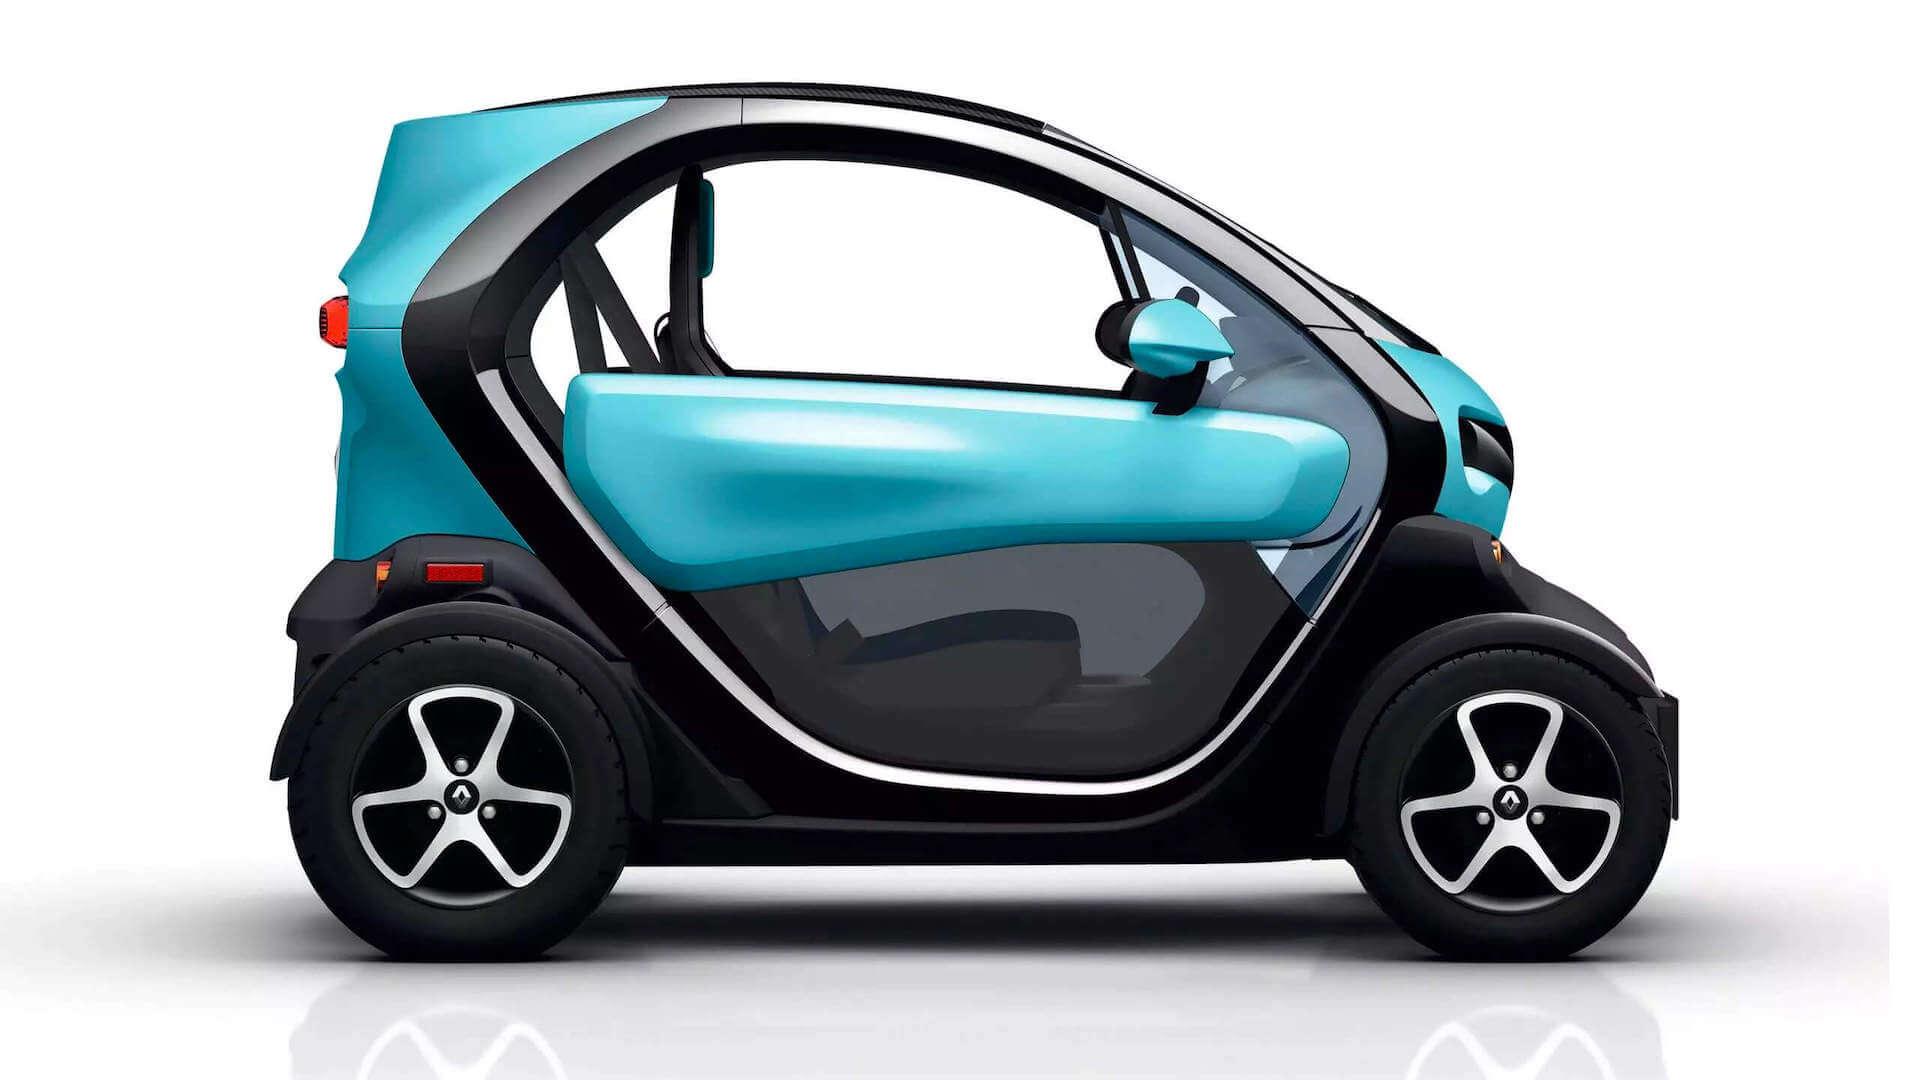 Seitenansicht vom türkisfarbenen Auto - Renault Twizy - Renault Ahrens Hannover